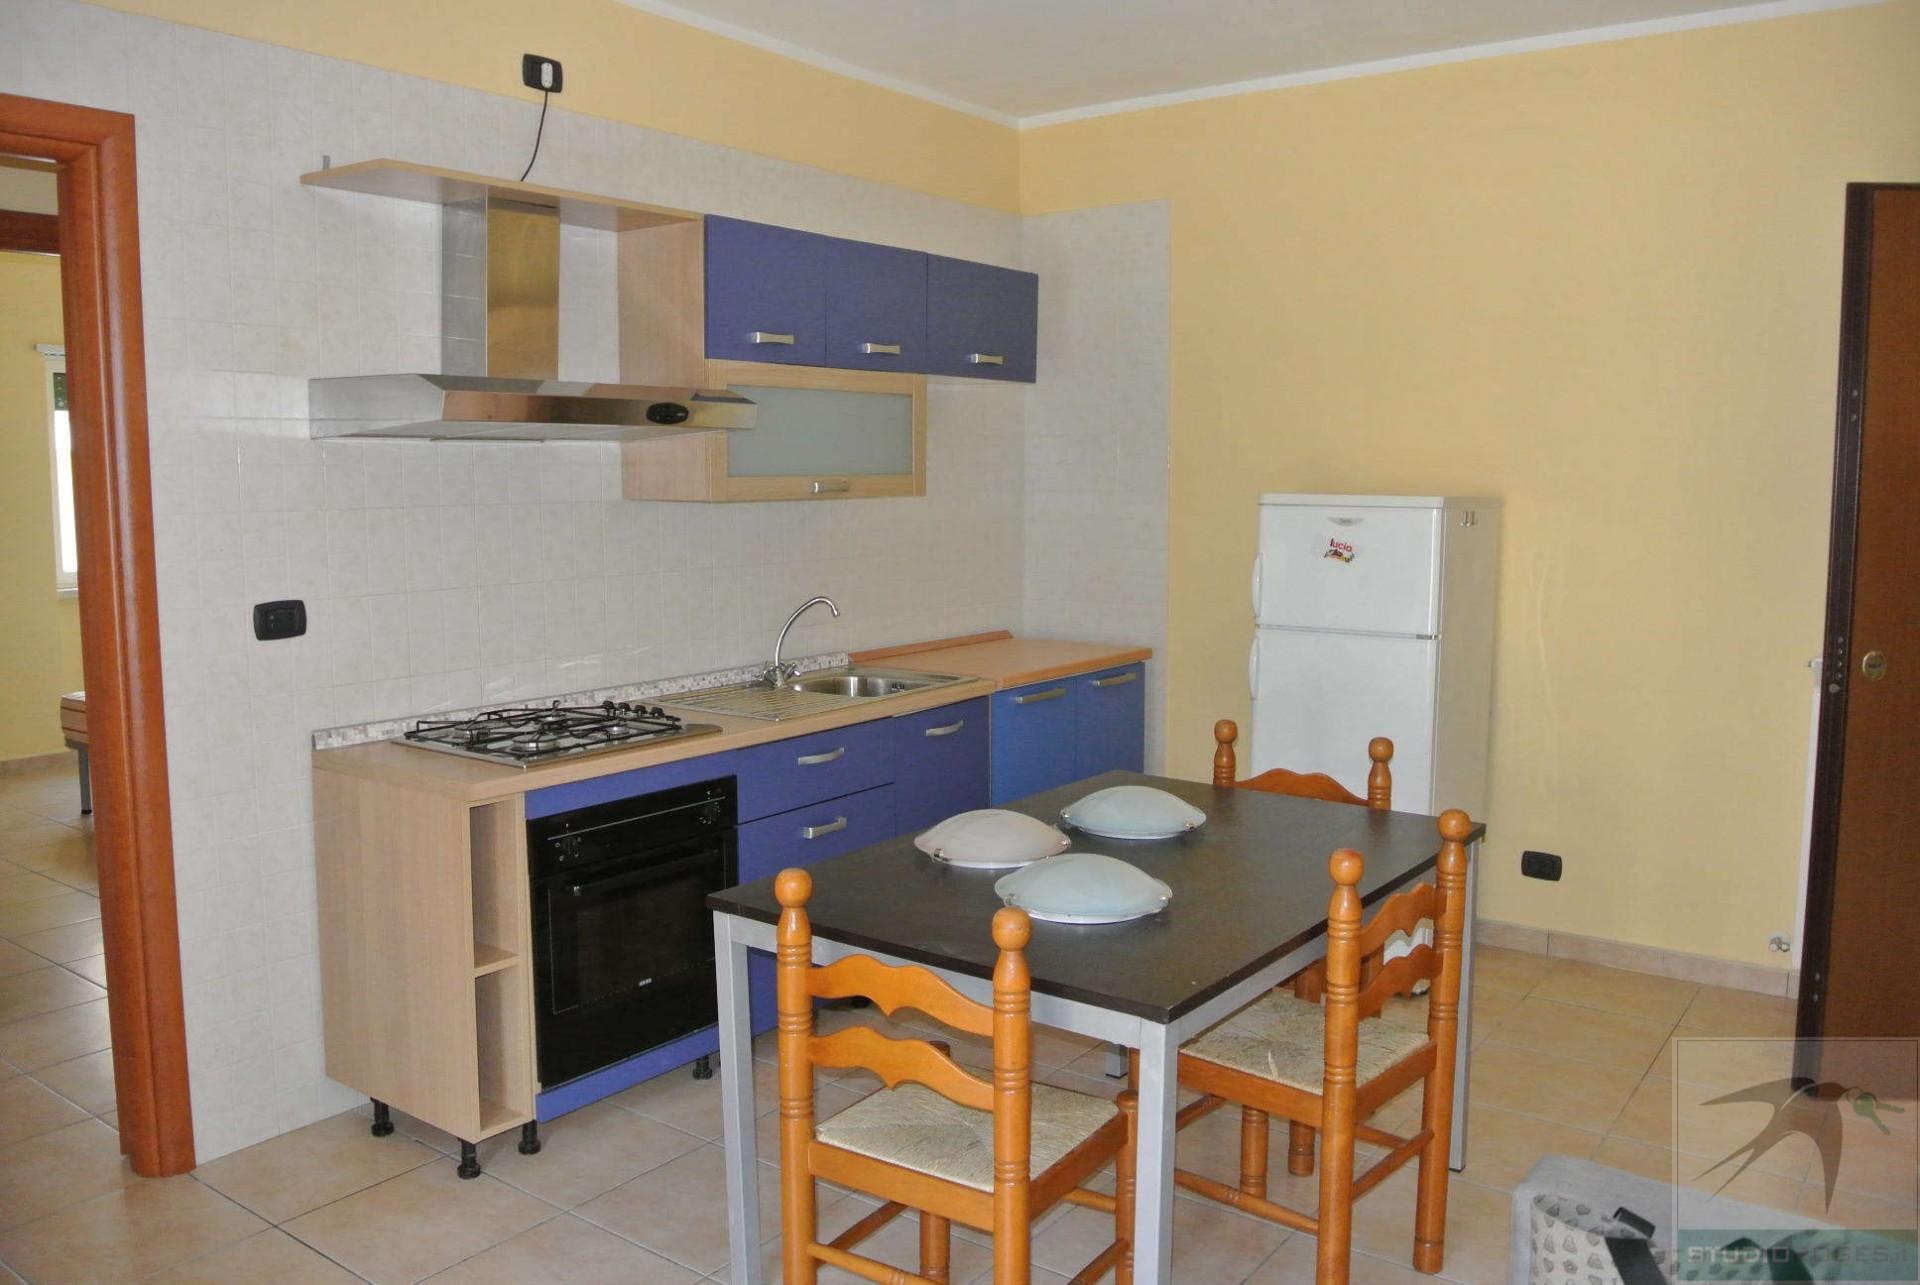 Appartamento in Affitto 65,00 mq - N. camere: 2 - - Rende - Rocchi-S.Stefano-Arcavacata (CS)